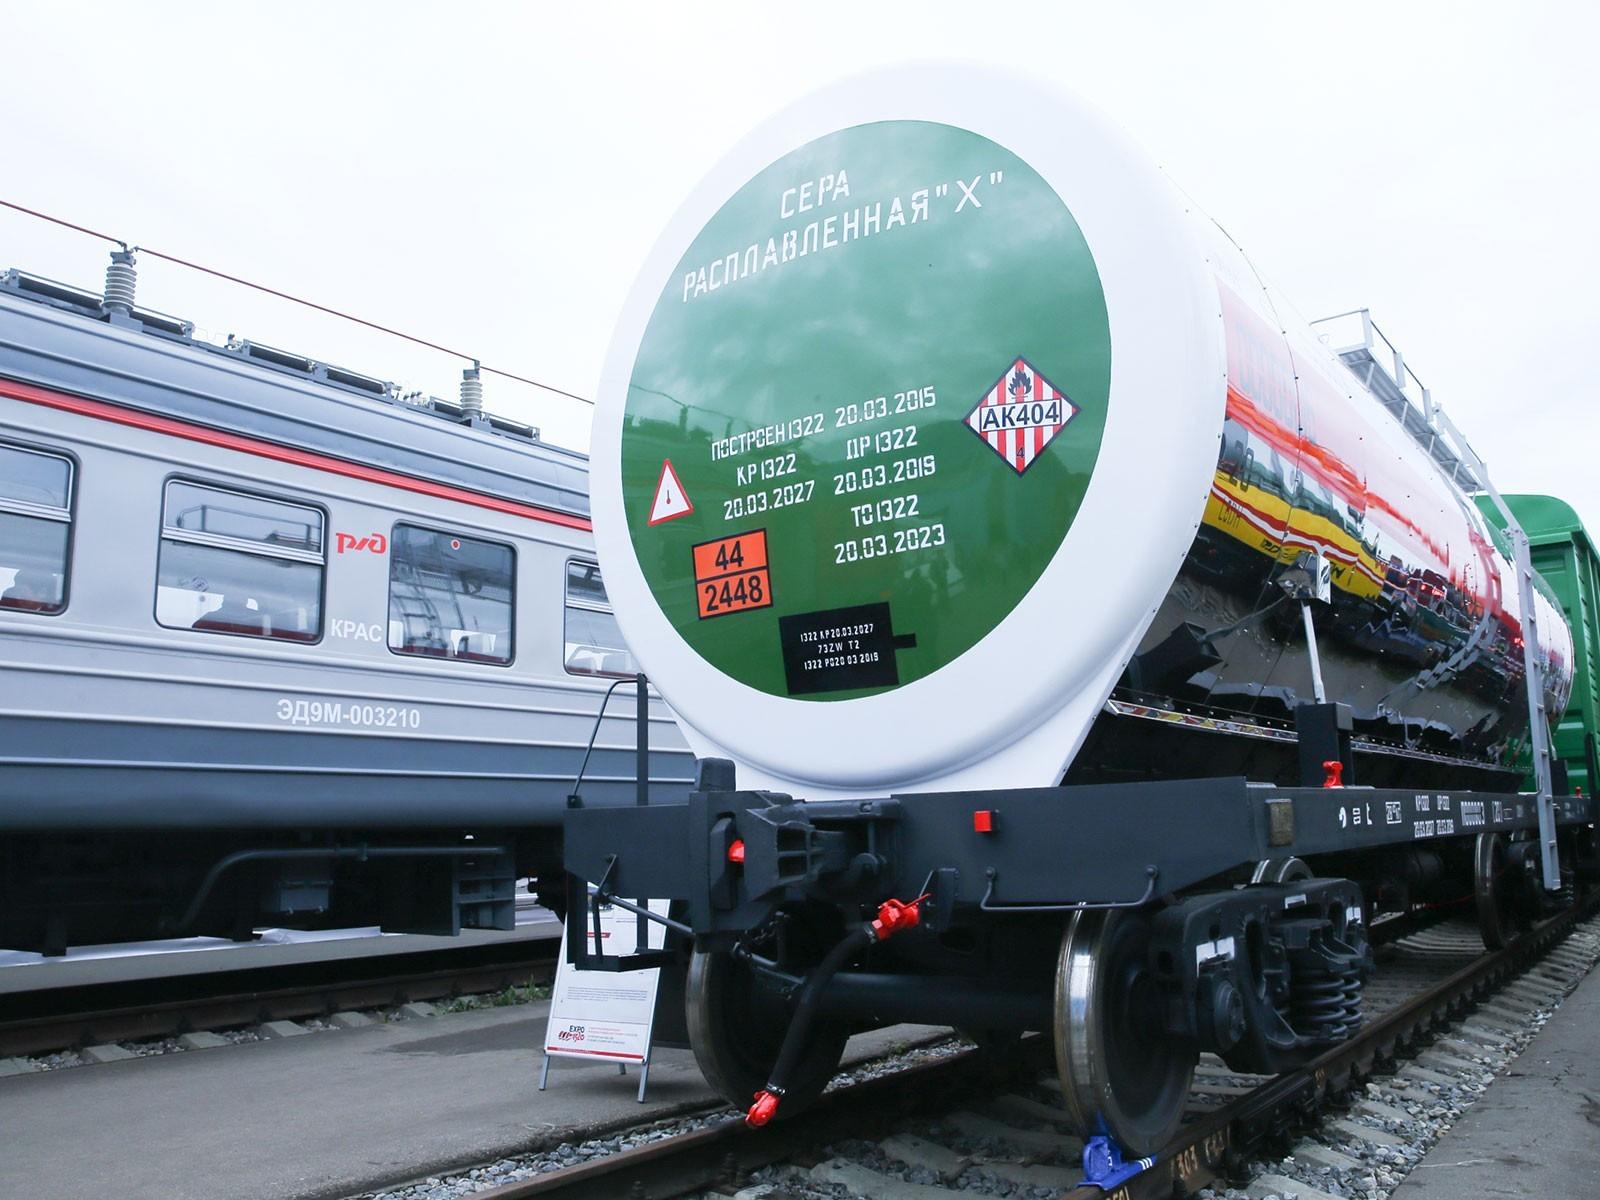 Вагон-цистерна для транспортировки расплавленной серы. Источник: Фотобанк V Международного железнодорожного салона техники и технологий EXPO 1520.